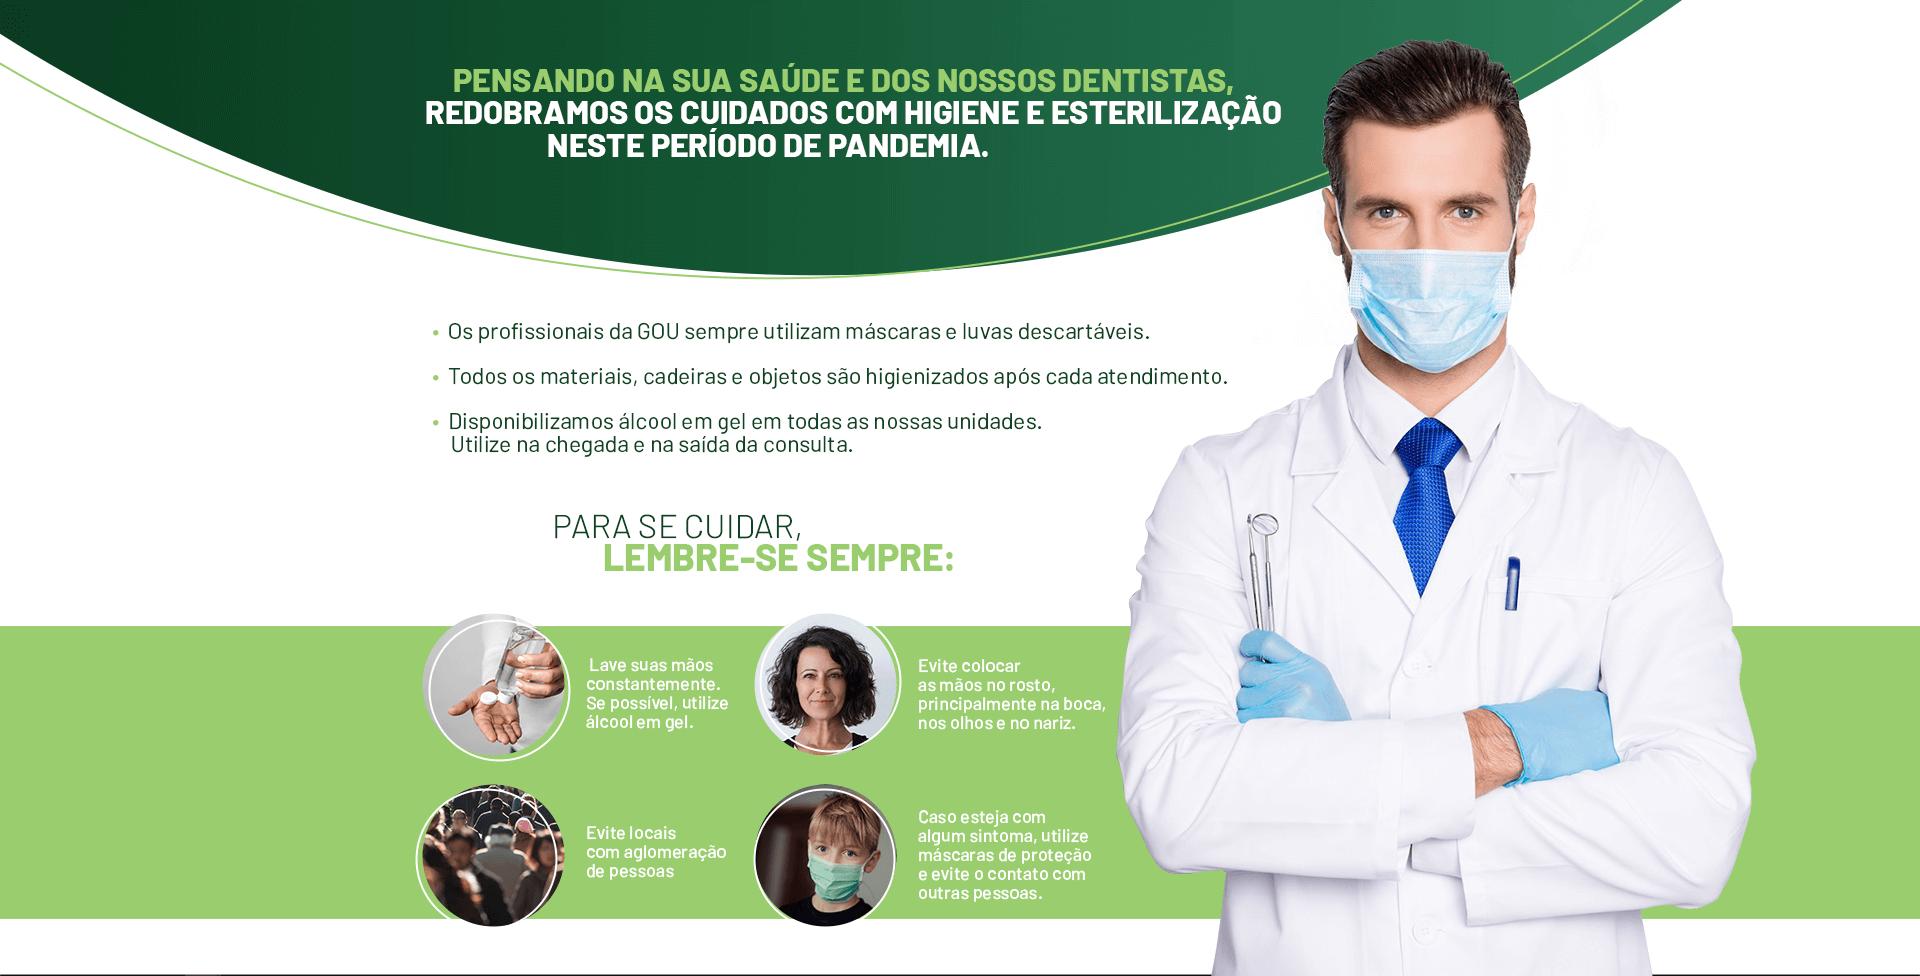 Aviso e cuidados Coronavírus